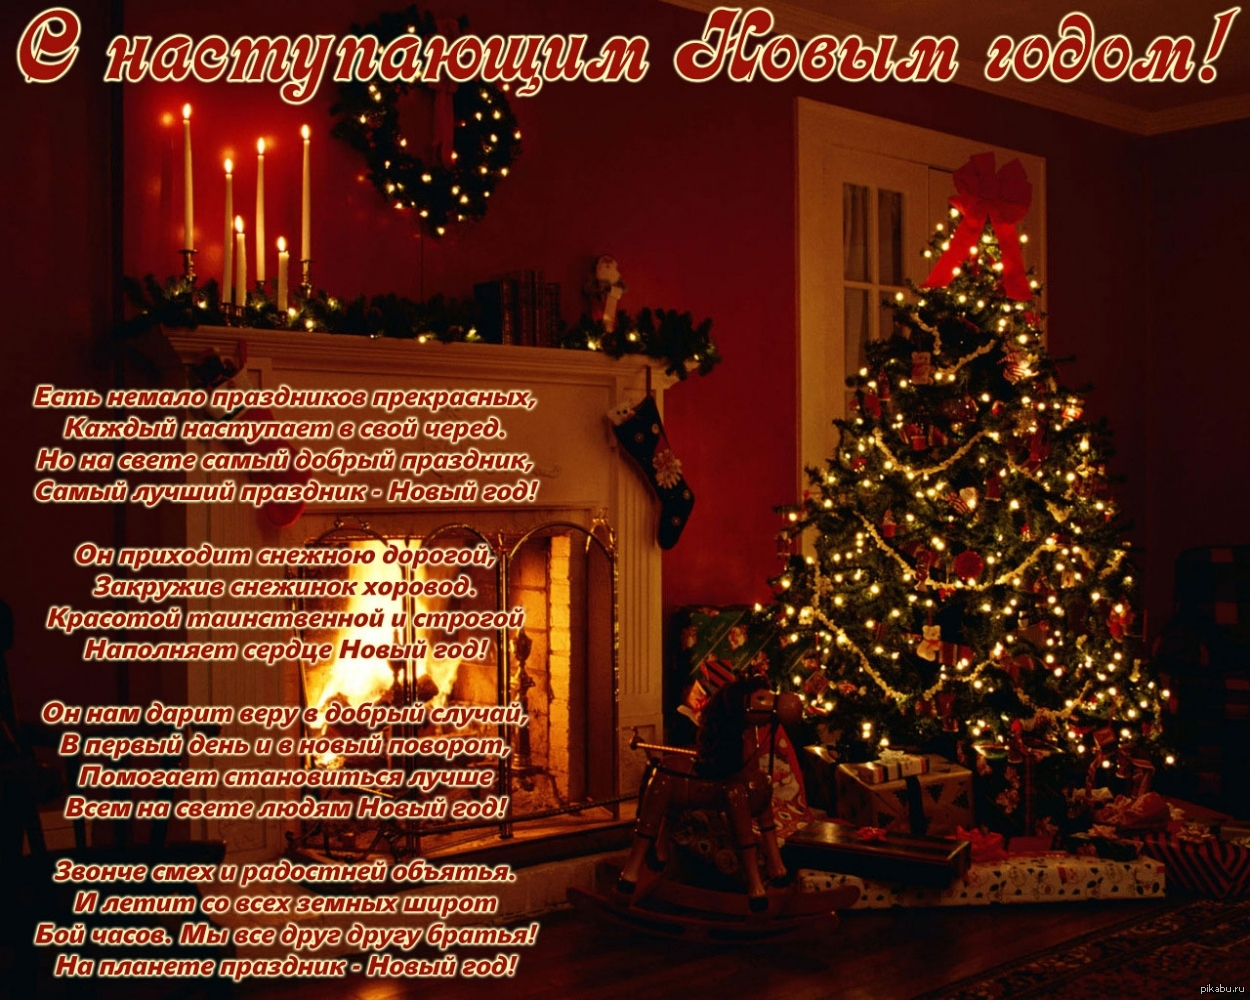 Поздравления православному человеку с наступающим новым годом